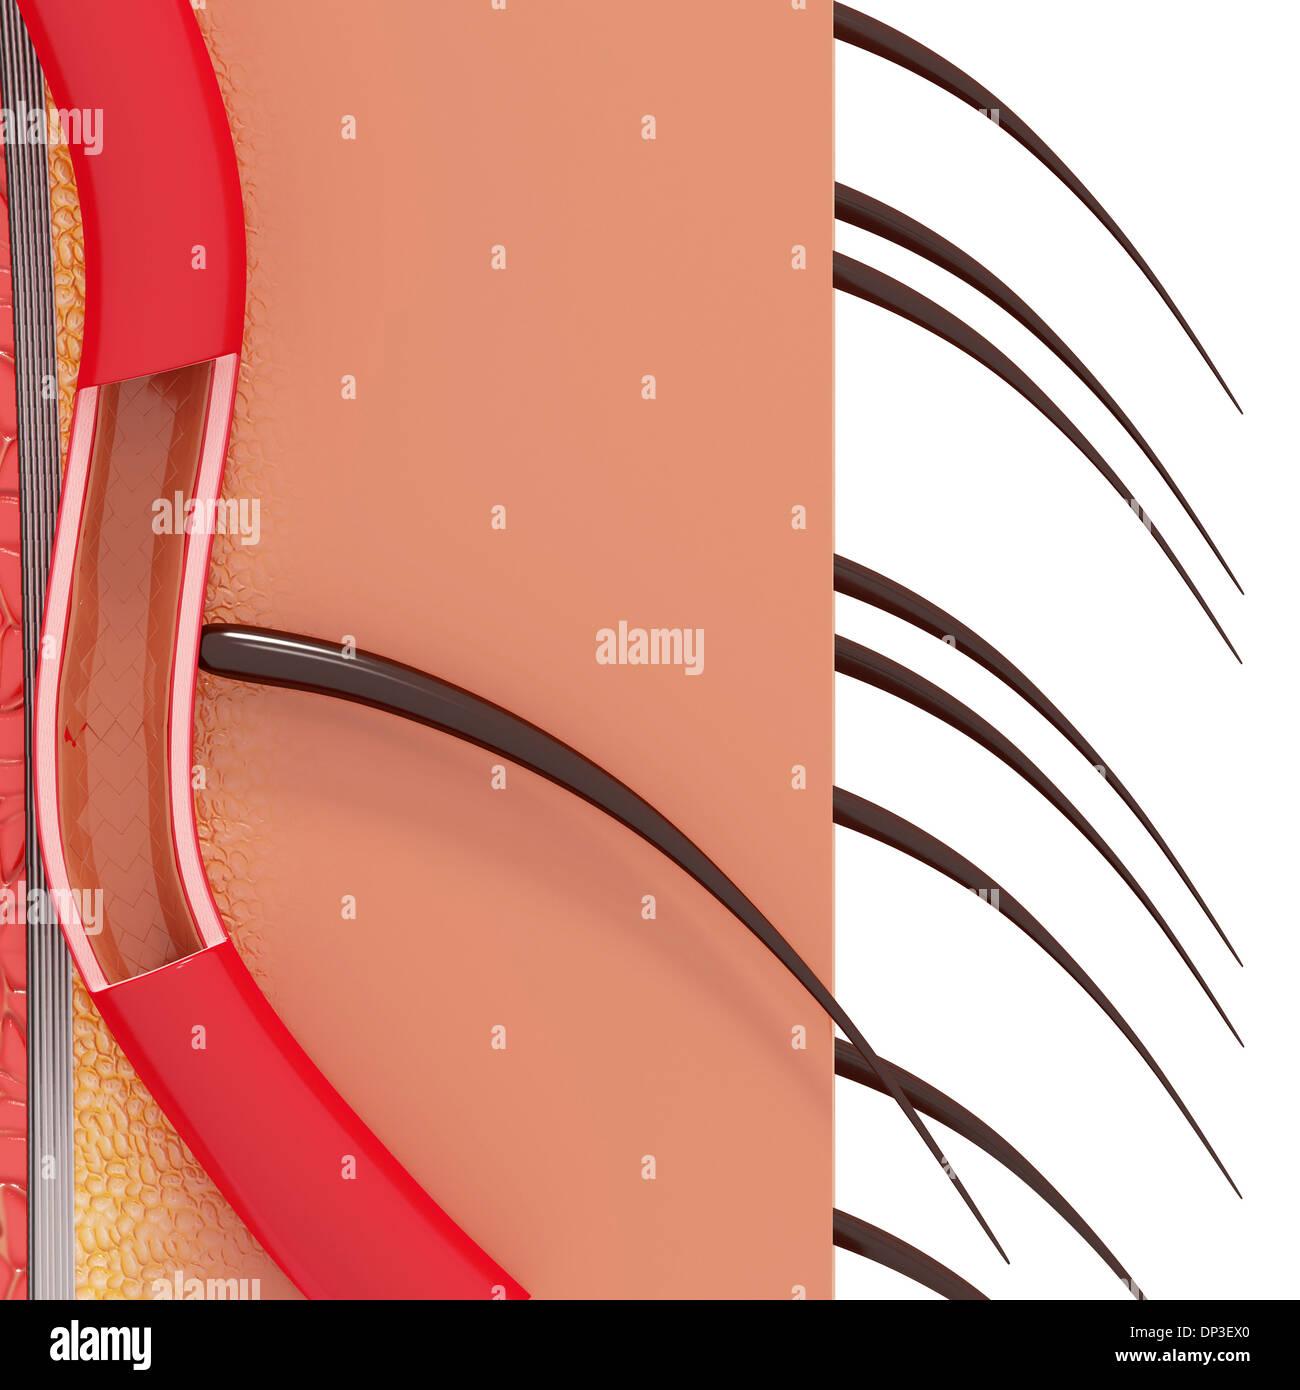 Anatomie der menschlichen Haut, artwork Stockfoto, Bild: 65231096 ...